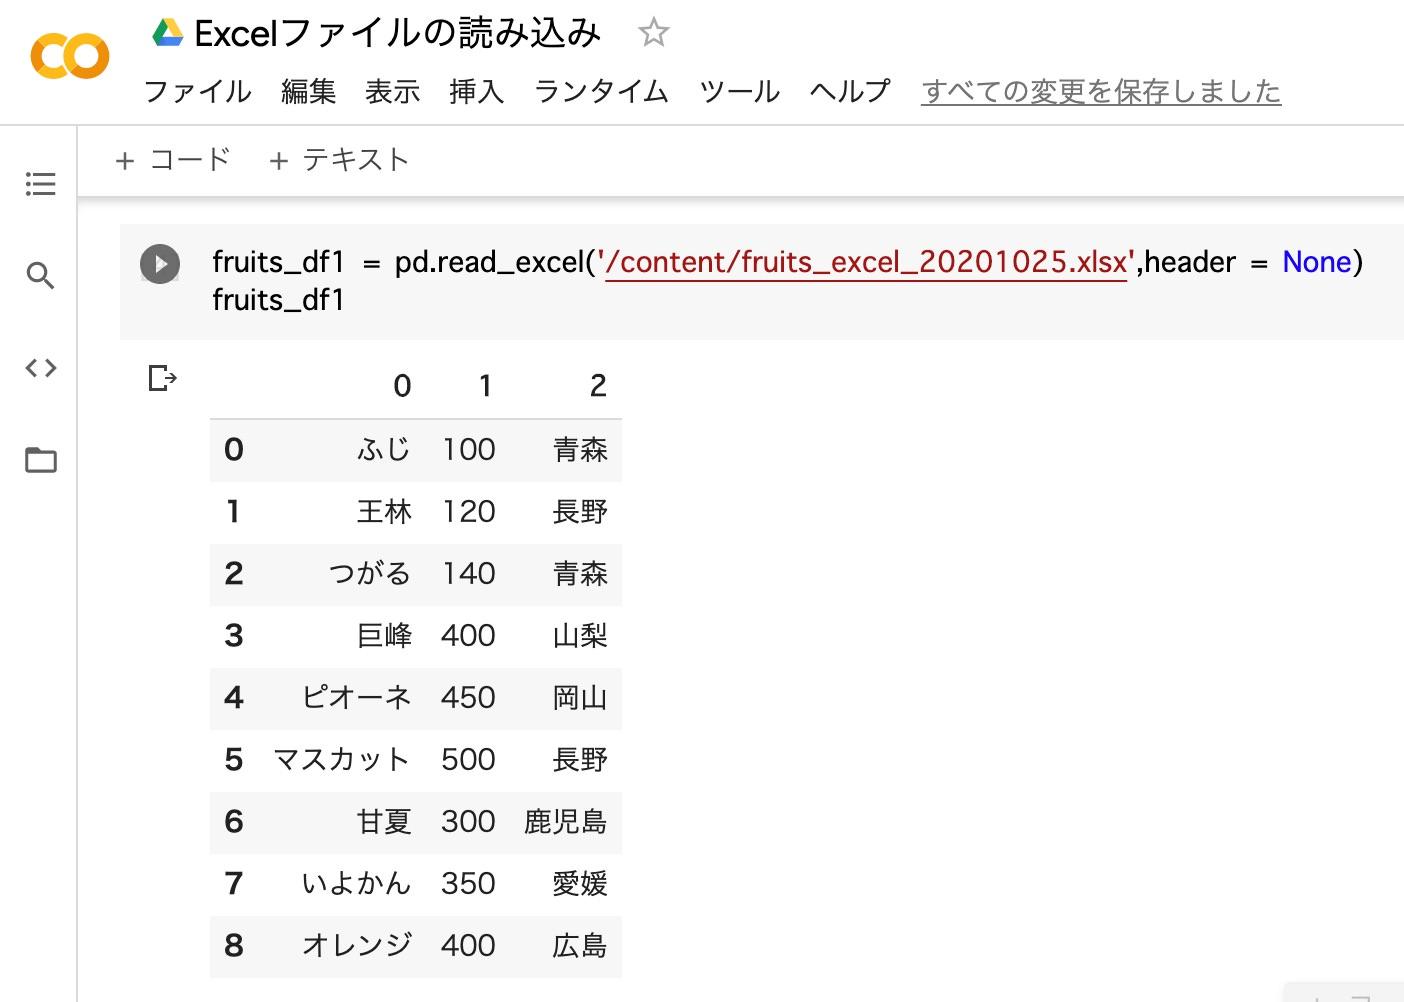 pandas_Excelファイルの読み込み